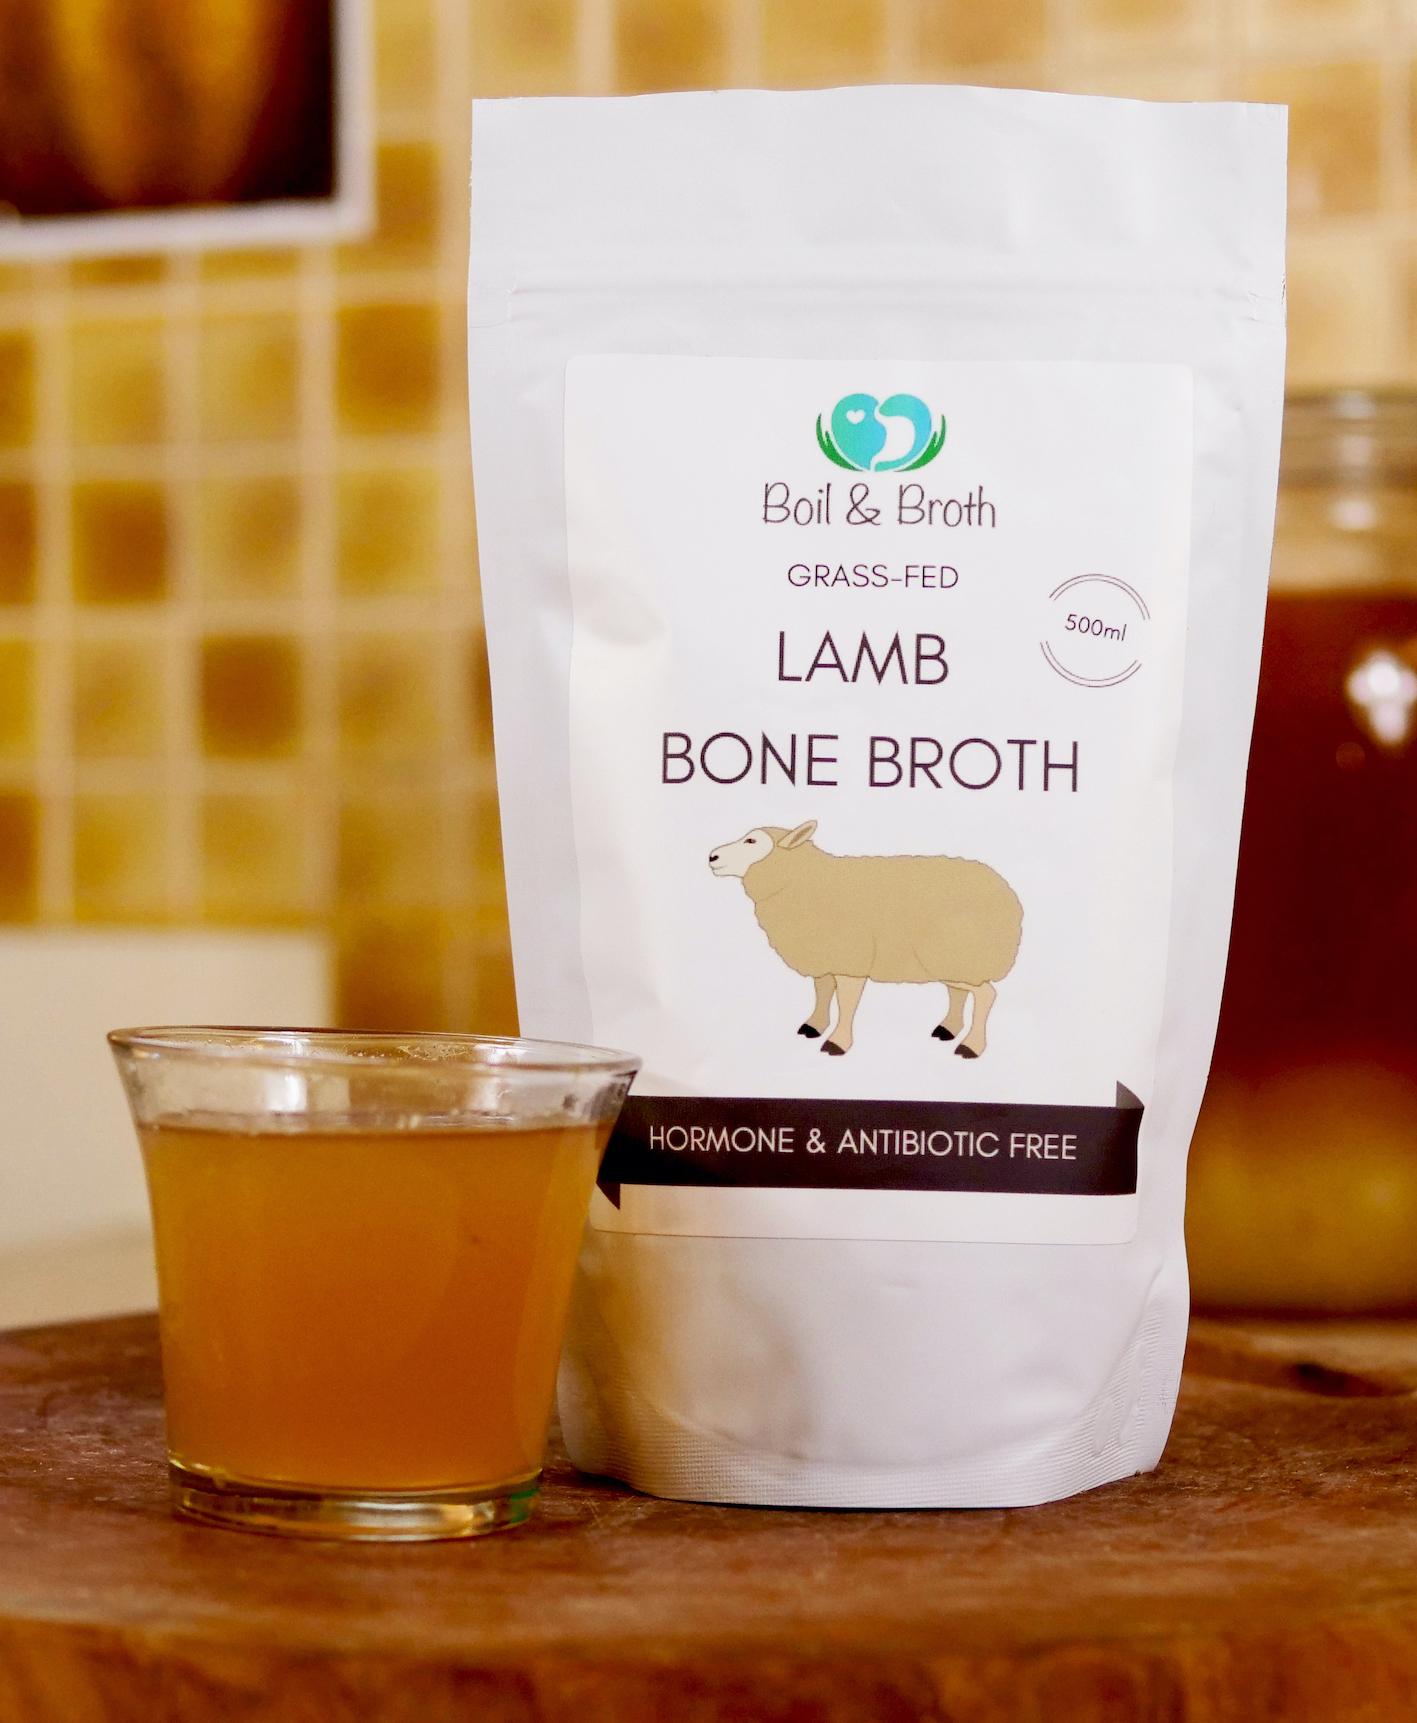 Lamb Bone Broth Boil and Broth